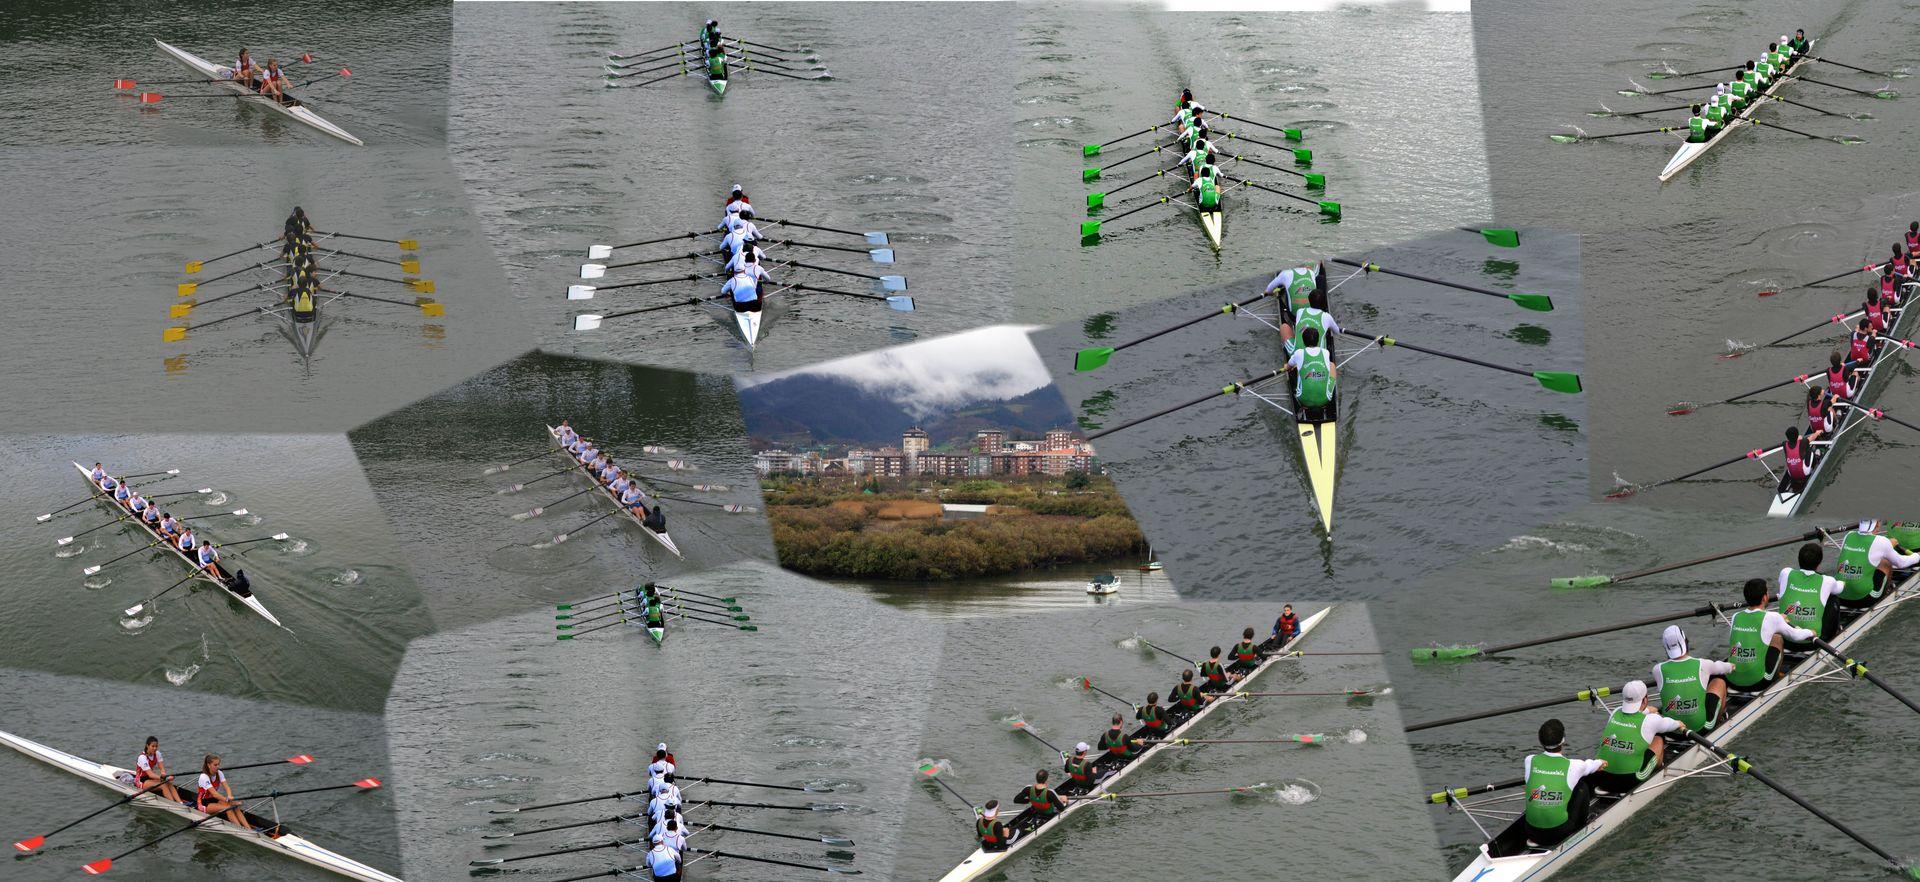 Campeonato de remo de Euskadi